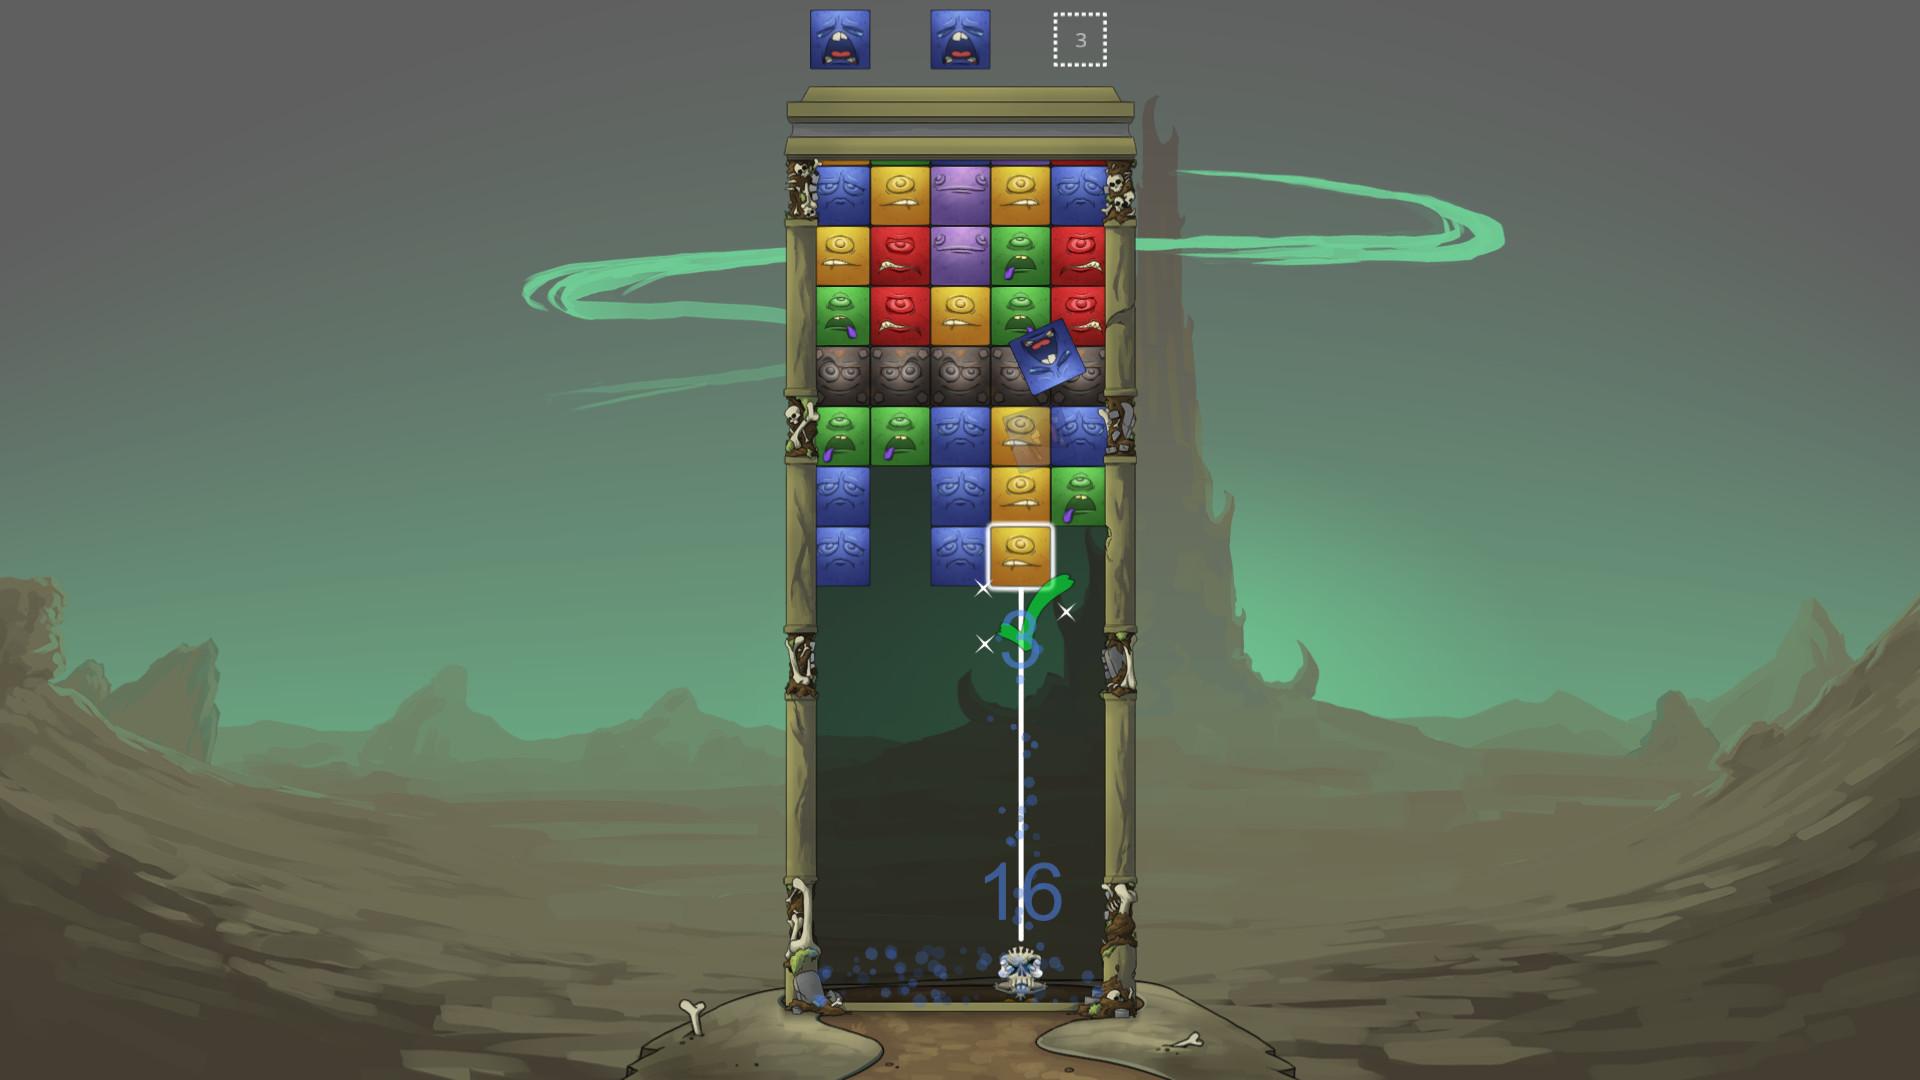 com.steam.484920-screenshot